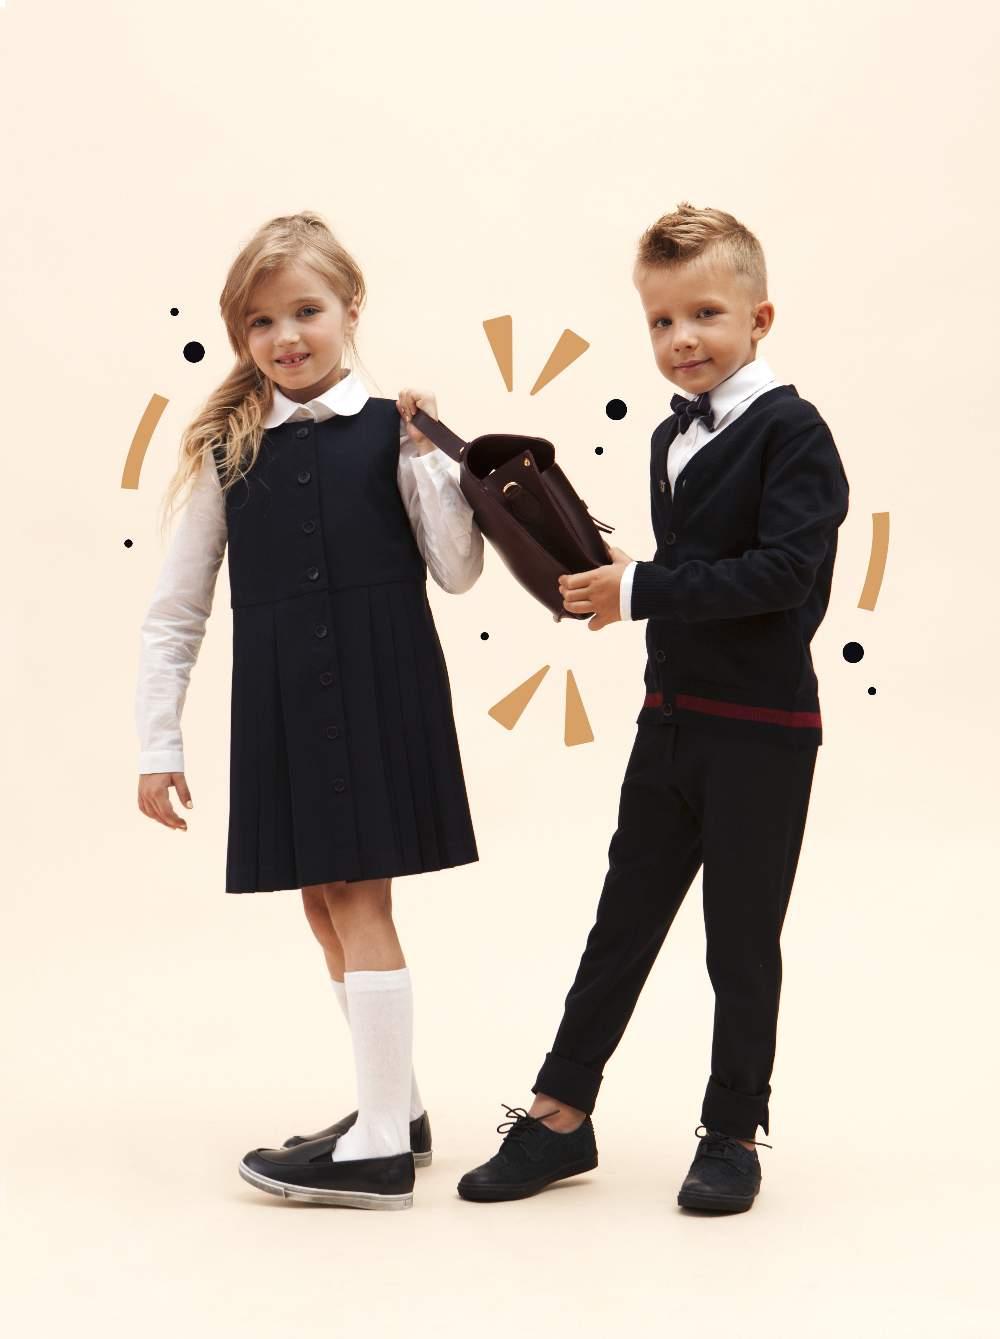 7ba46040d5f44c Бренд з'явився через необхідність зібрати донечку до школи – батьки не  могли знайти елегантний і практичний одяг водночас, тому вирішили шити його  самі.